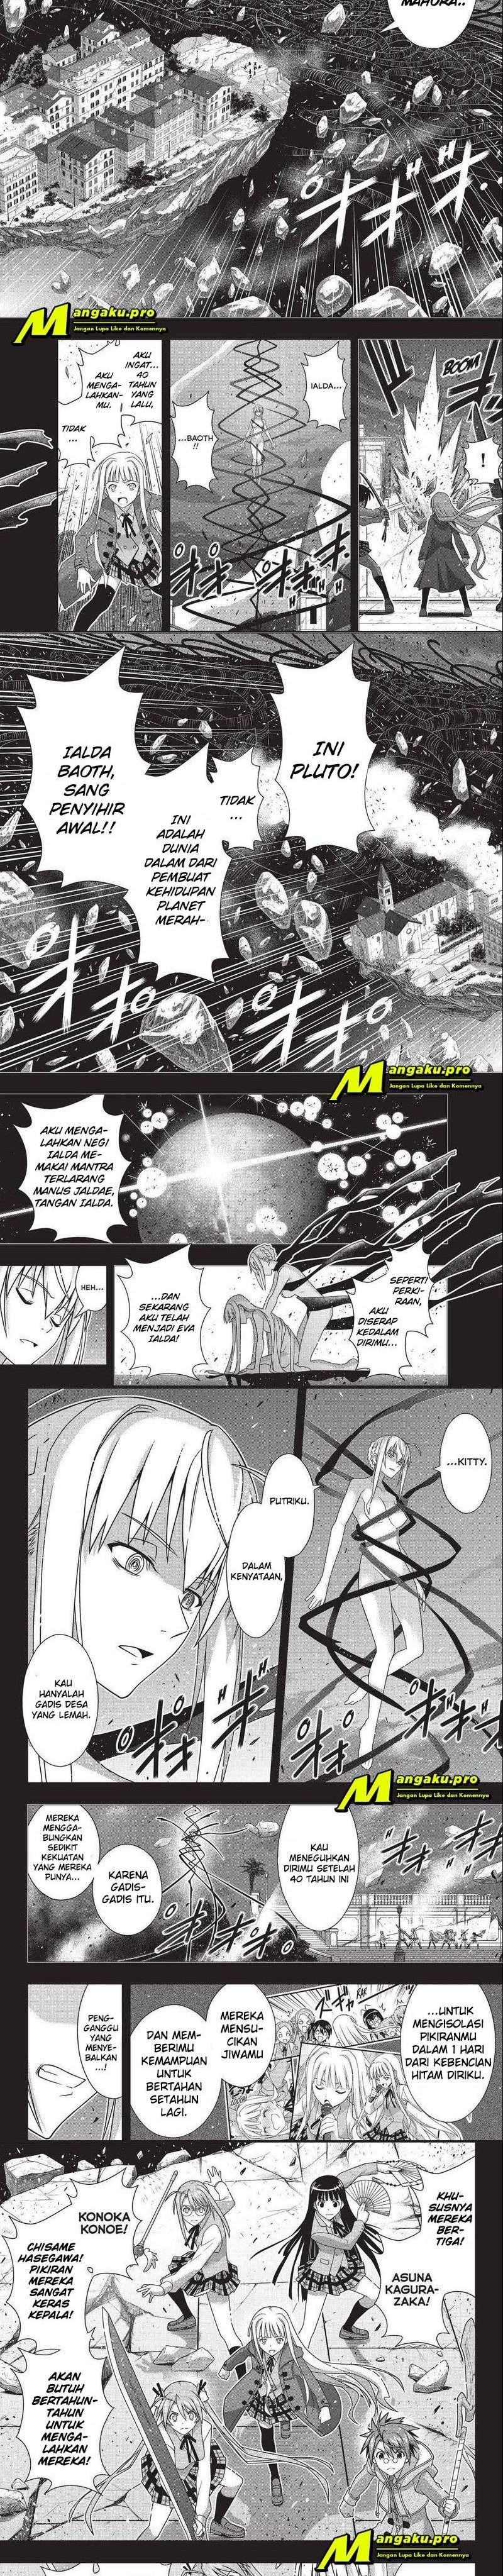 Uq Holder! Chapter 183.2